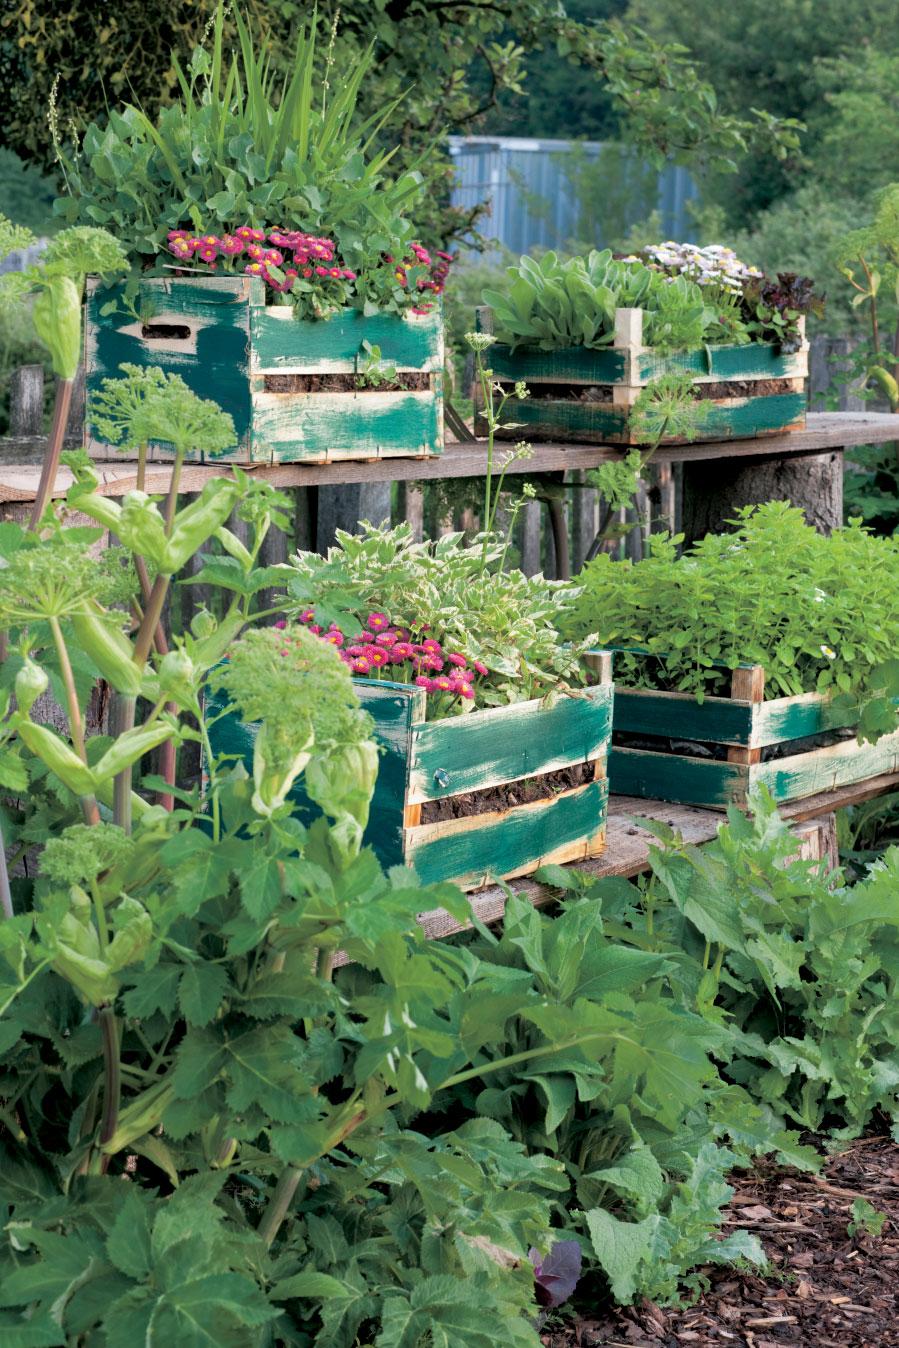 Gartengestaltung mit hochbeet fr hjahrsprogramm 2016 for Gartenbeispiele gestaltung